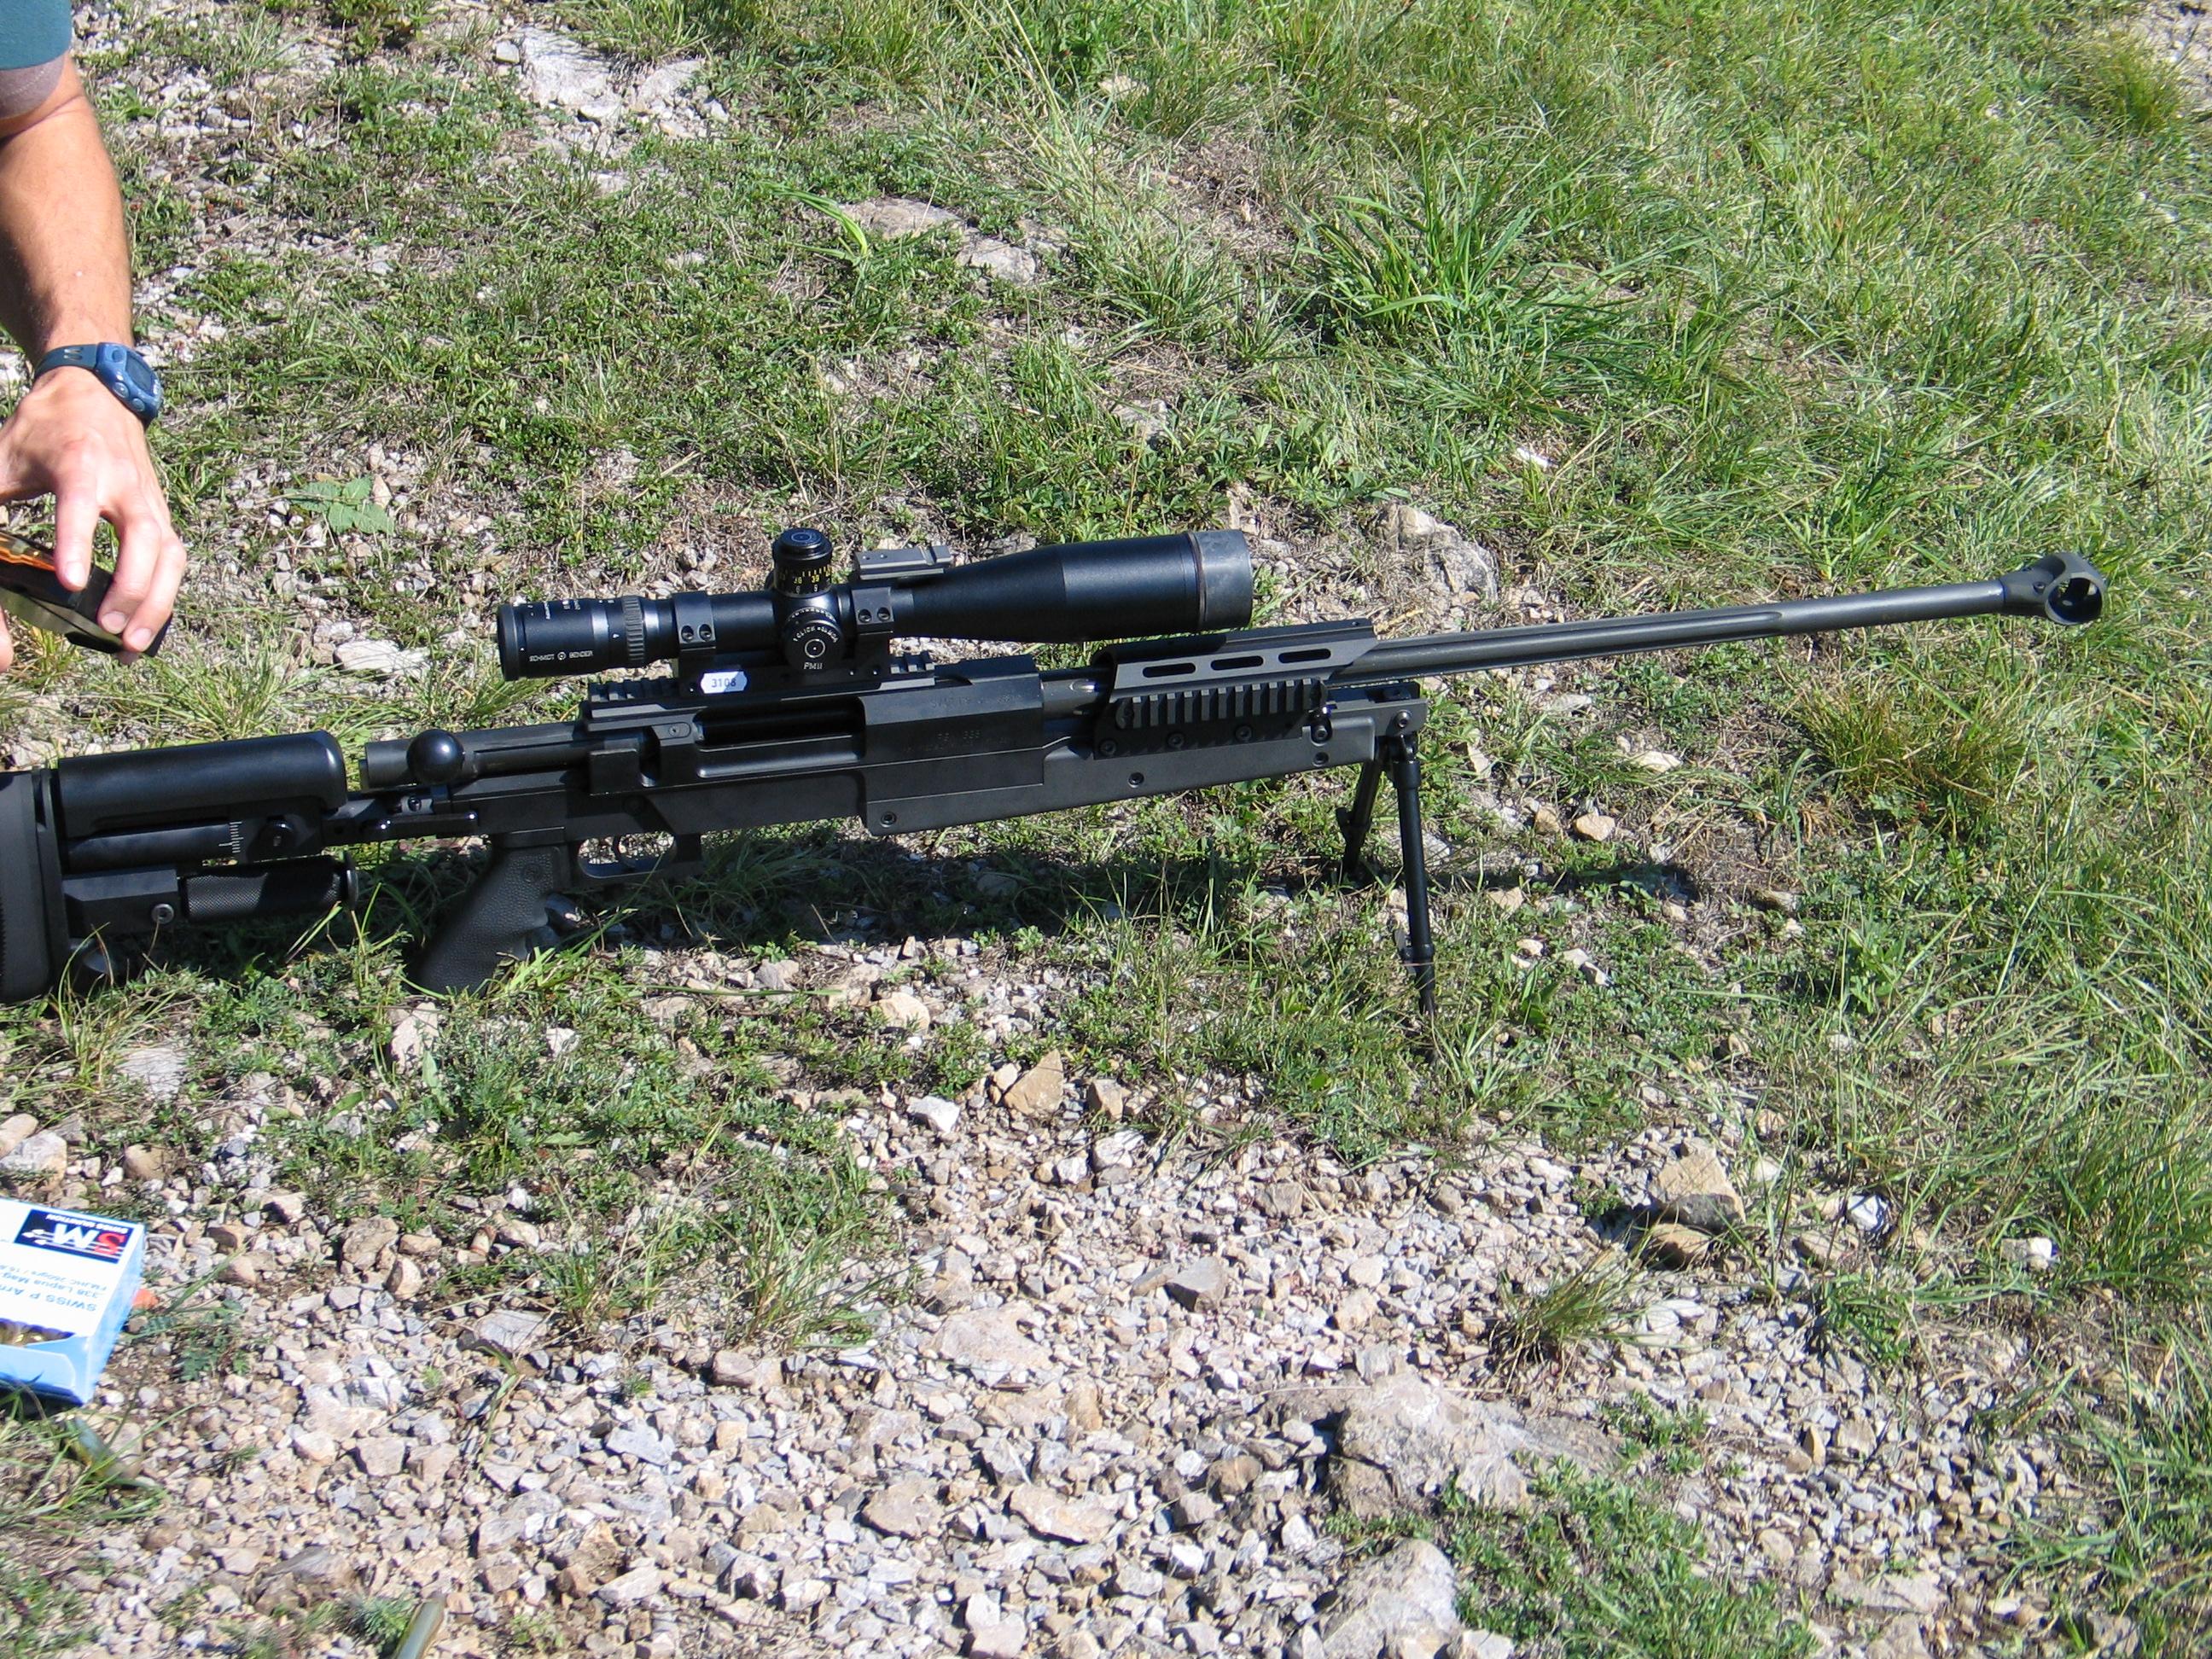 File:Mini Hecate-338 Lapua Magnum.JPG